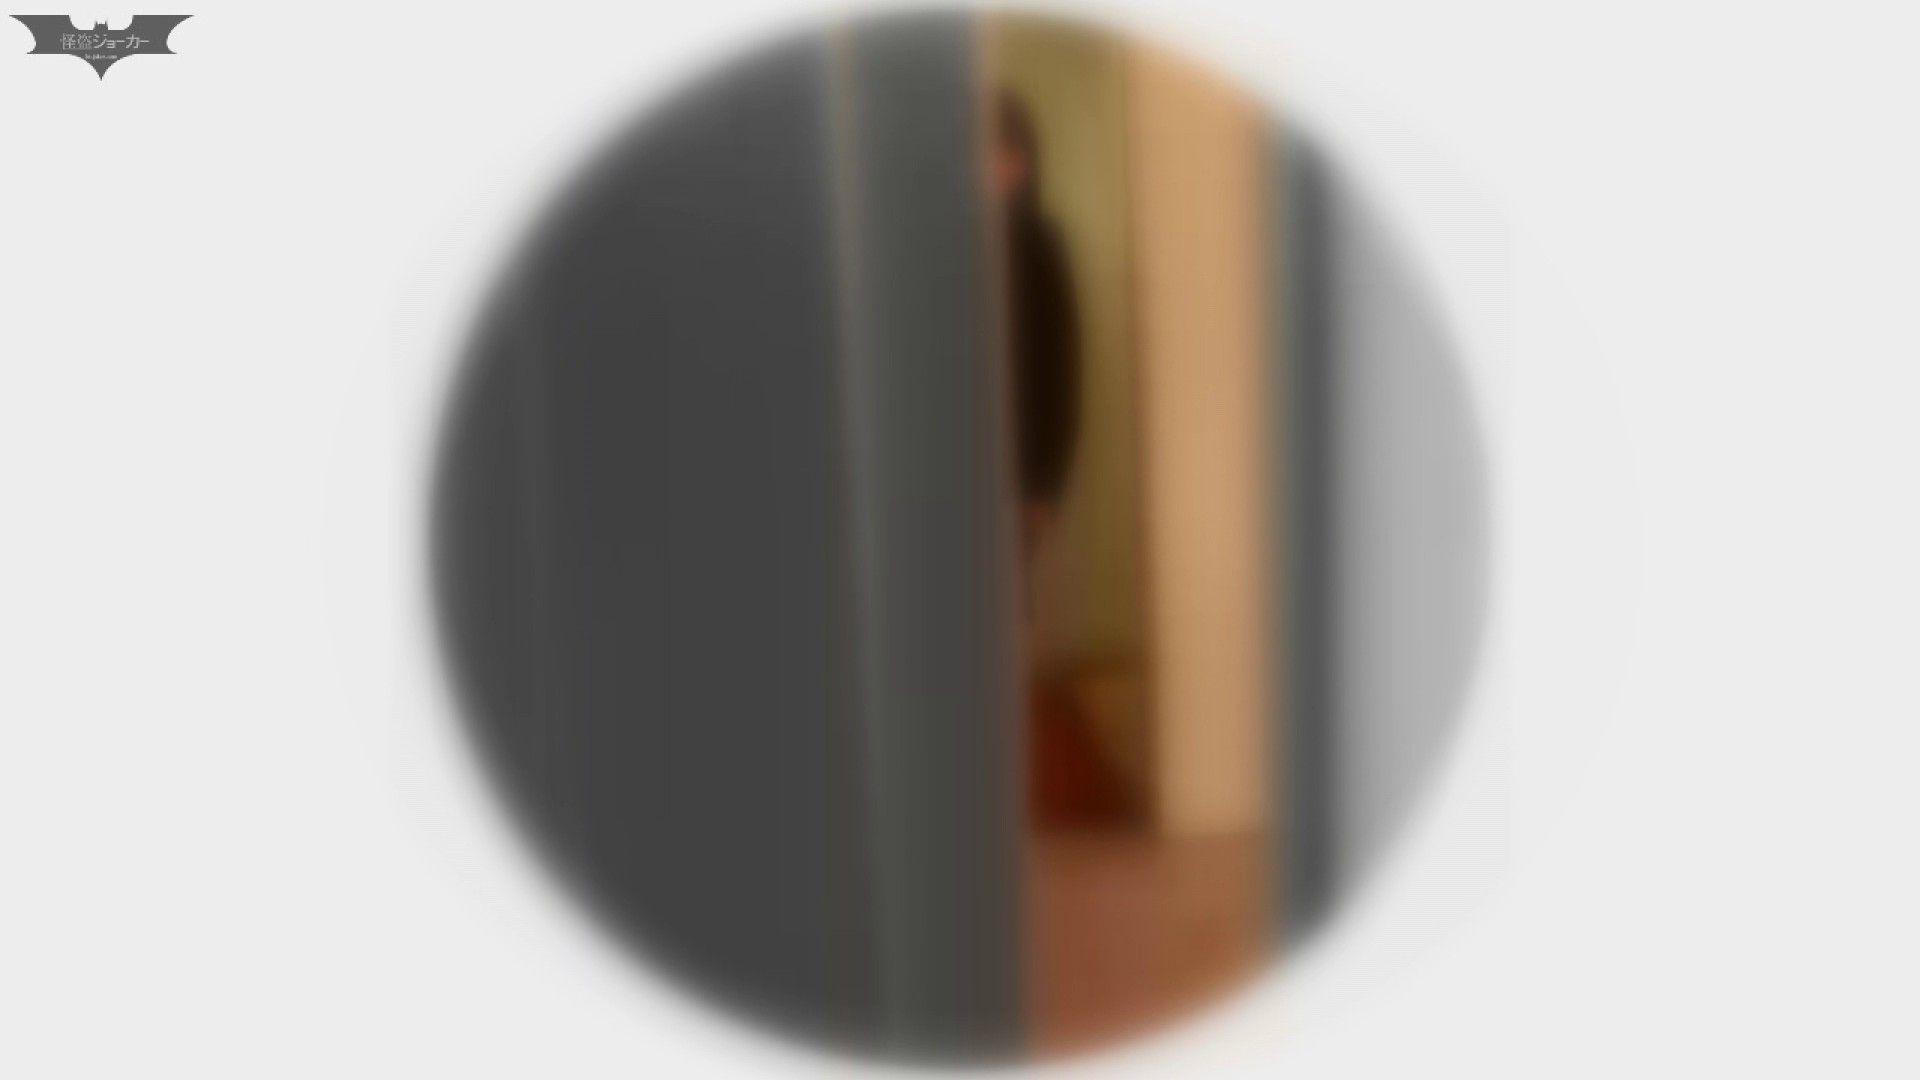 【期間・個数限定配信】 マンコ丸見え!第三体育館潜入撮File001 丸見え のぞきおめこ無修正画像 94連発 18